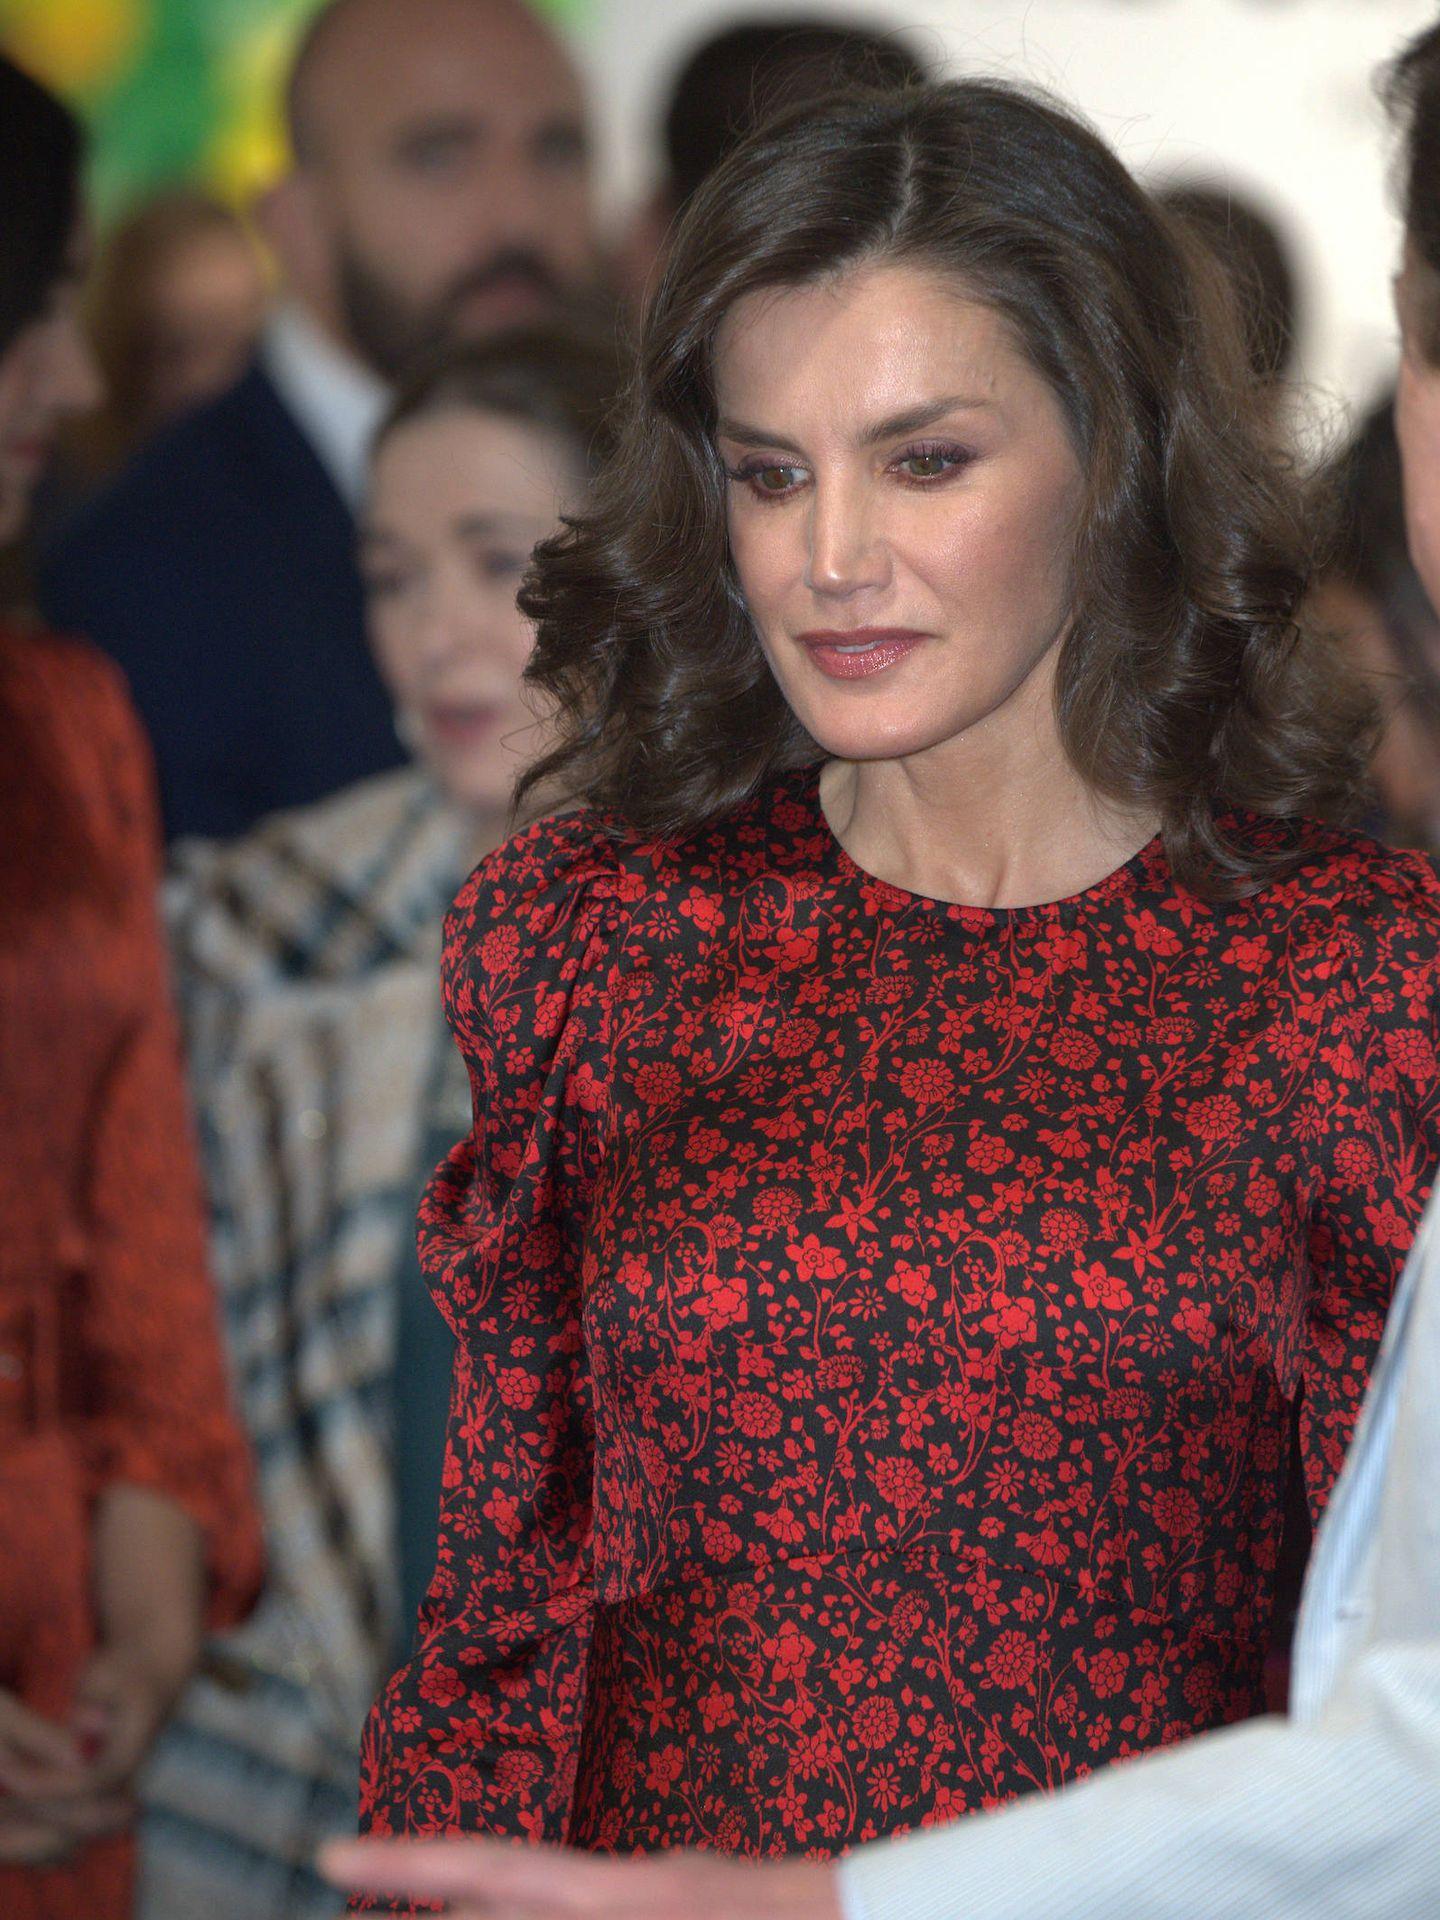 La reina Letizia, este jueves en ARCO. (Limited Pictures)